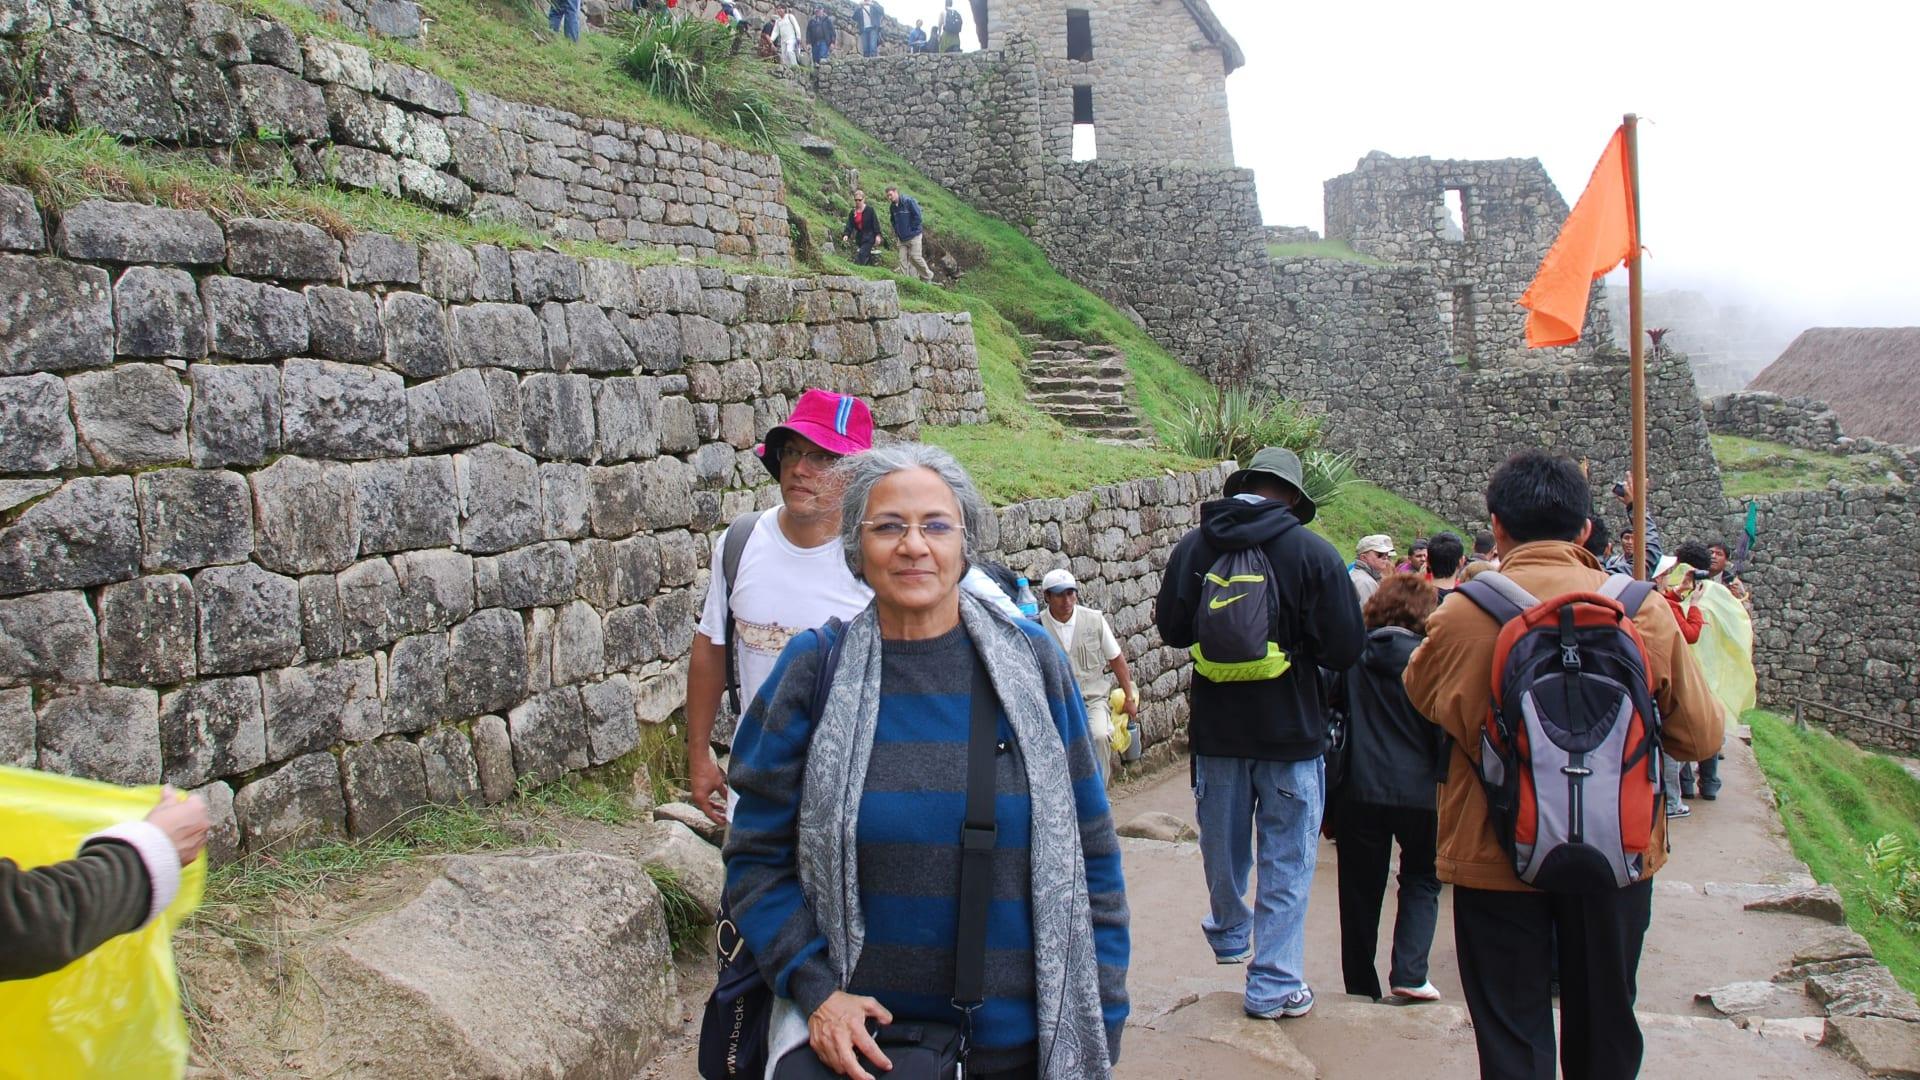 سافرت هذه الهندية البالغة من العمر 70 عاما إلى 66 دولة في آخر 25 عاما